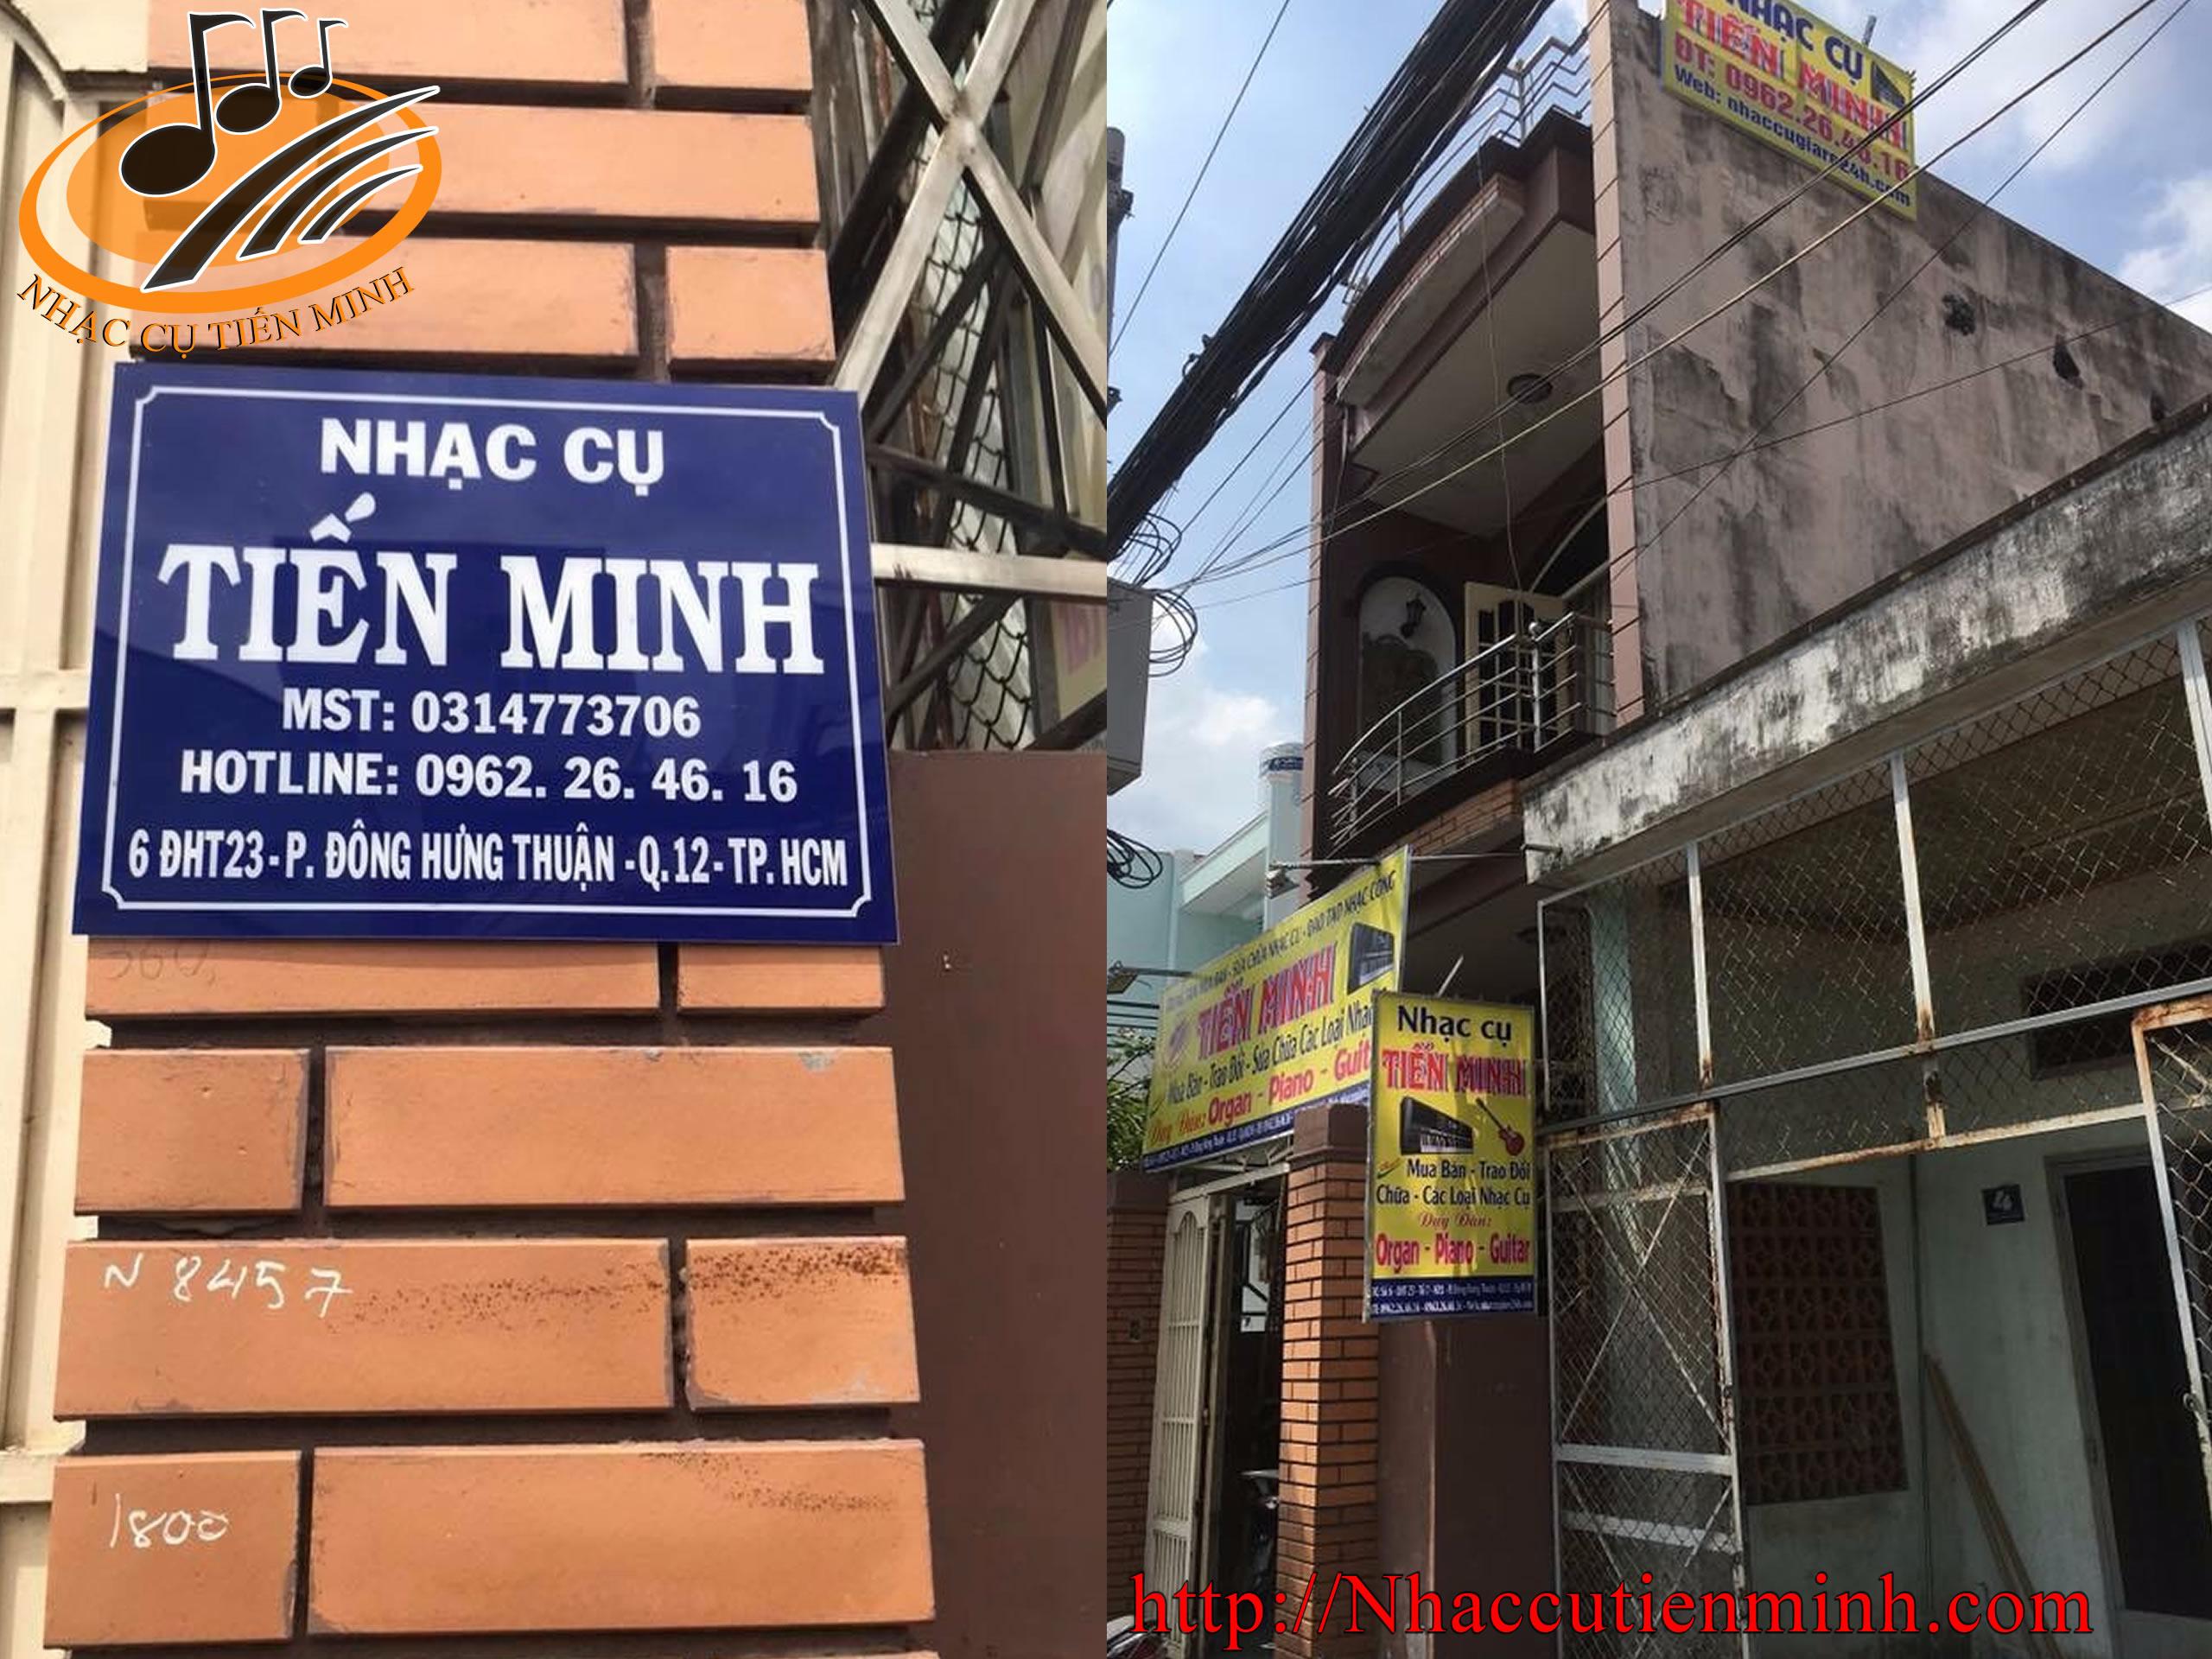 Nhạc cụ Tiến Minh - trung tâm thu mua đàn organ uy tín nhất